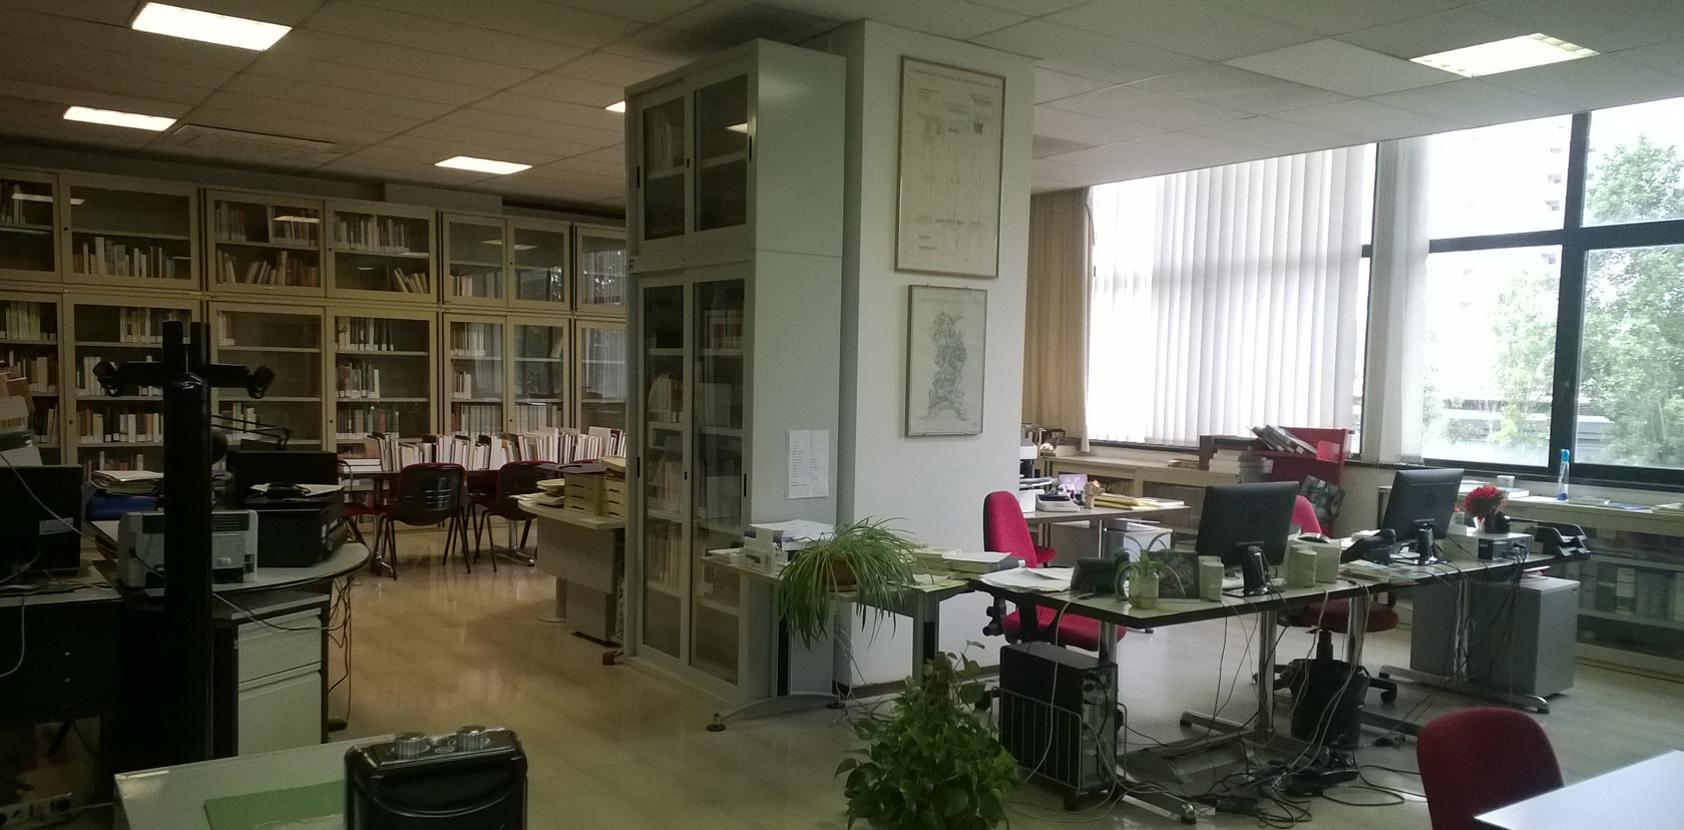 Biblioteche del Dip. di Architettura - Sez. PAr-Patrimonio Architettonico